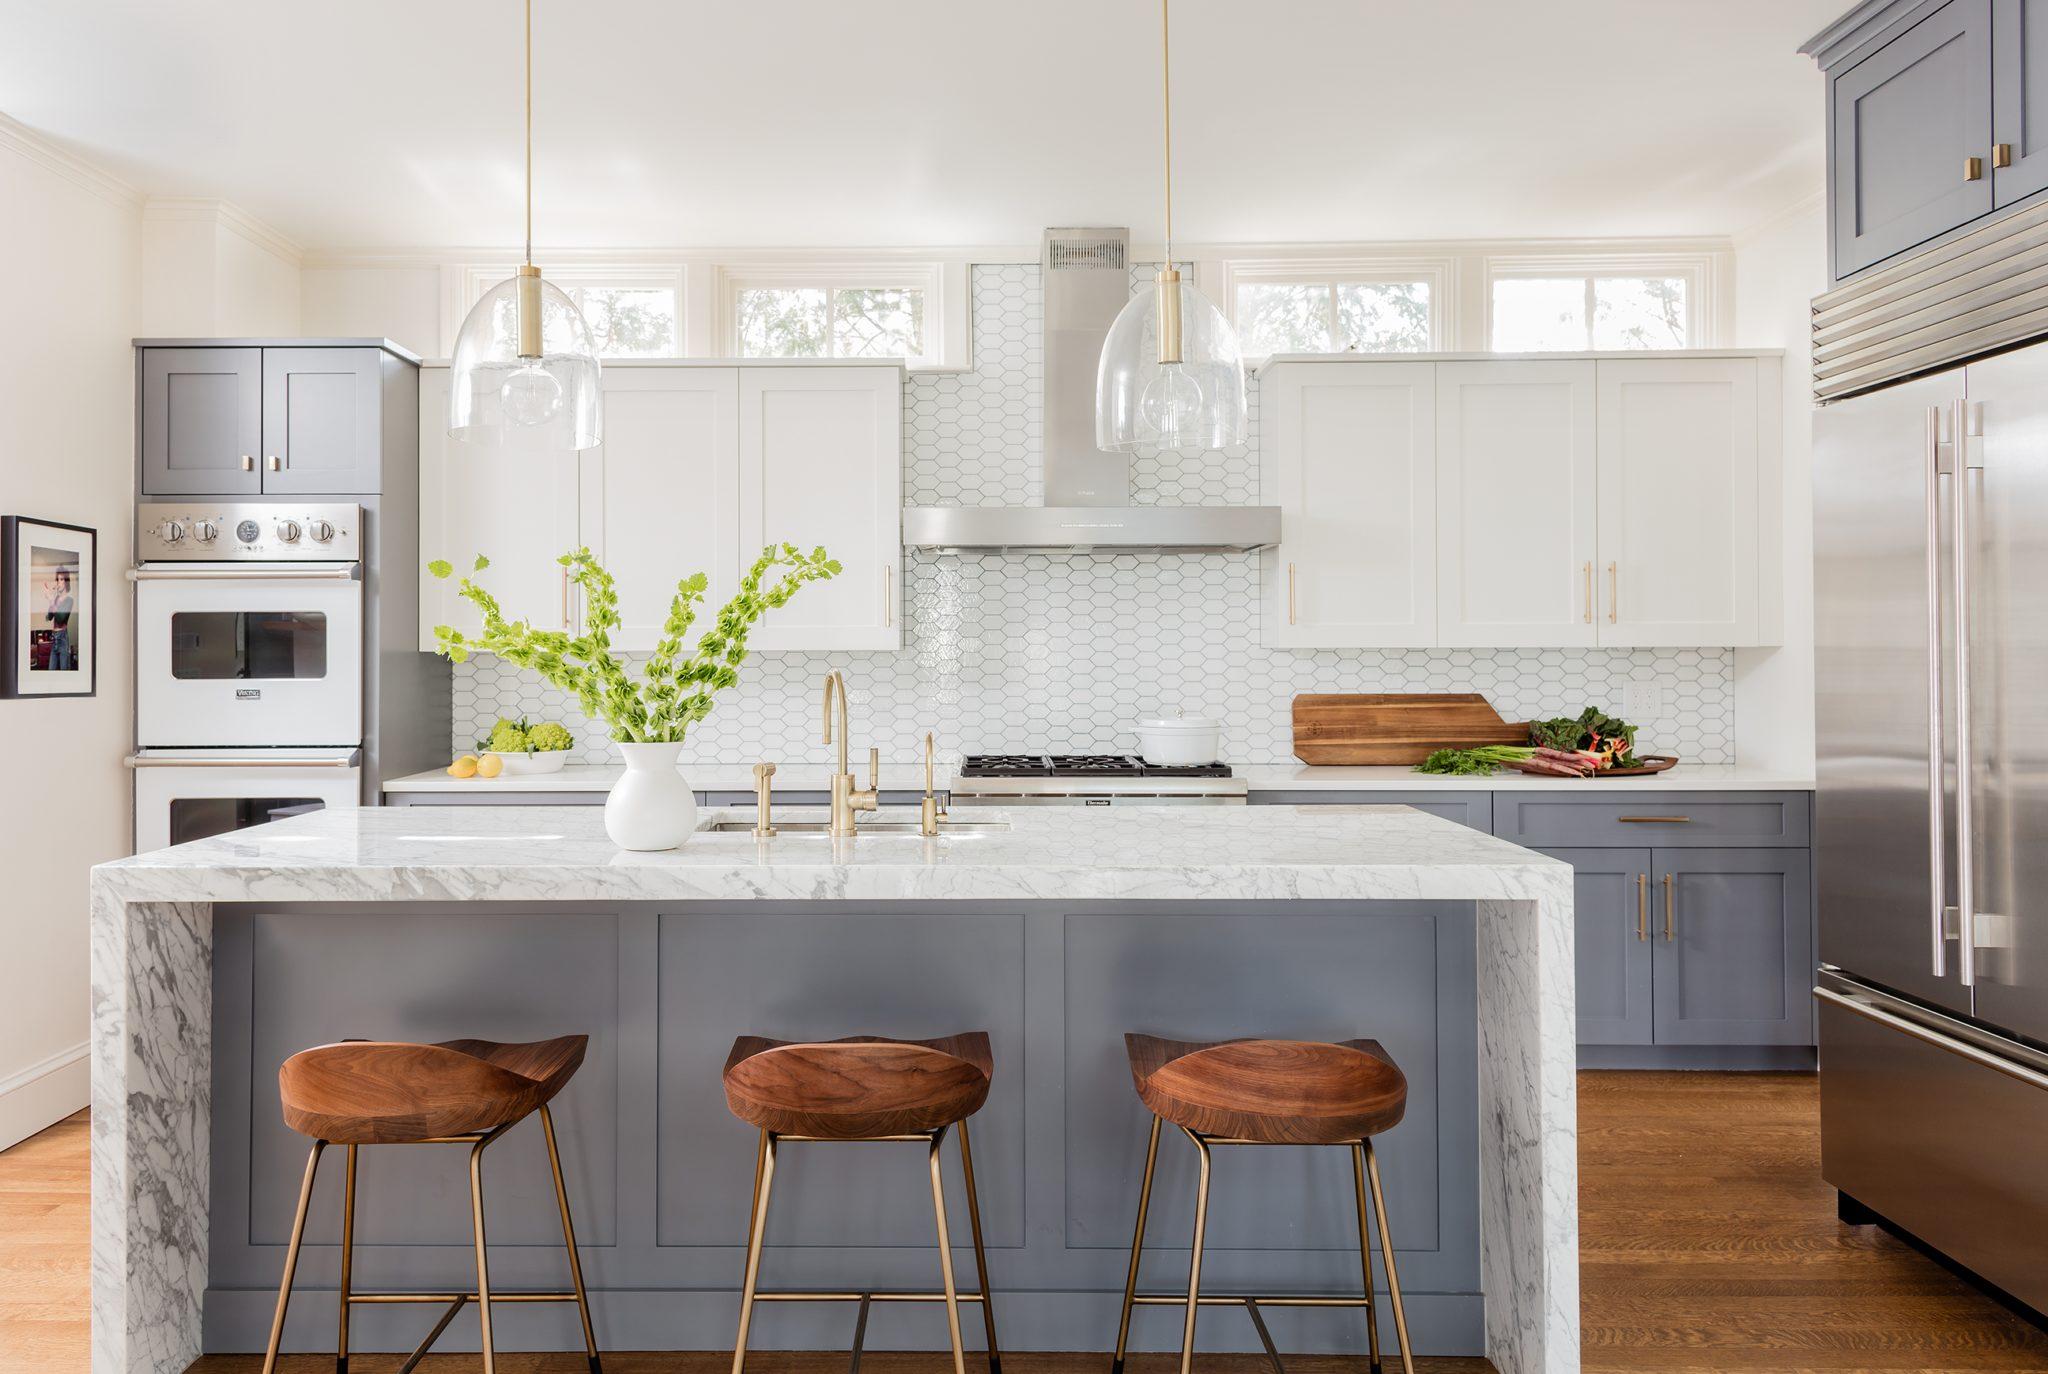 Avon Hillkitchen by Elms Interior Design